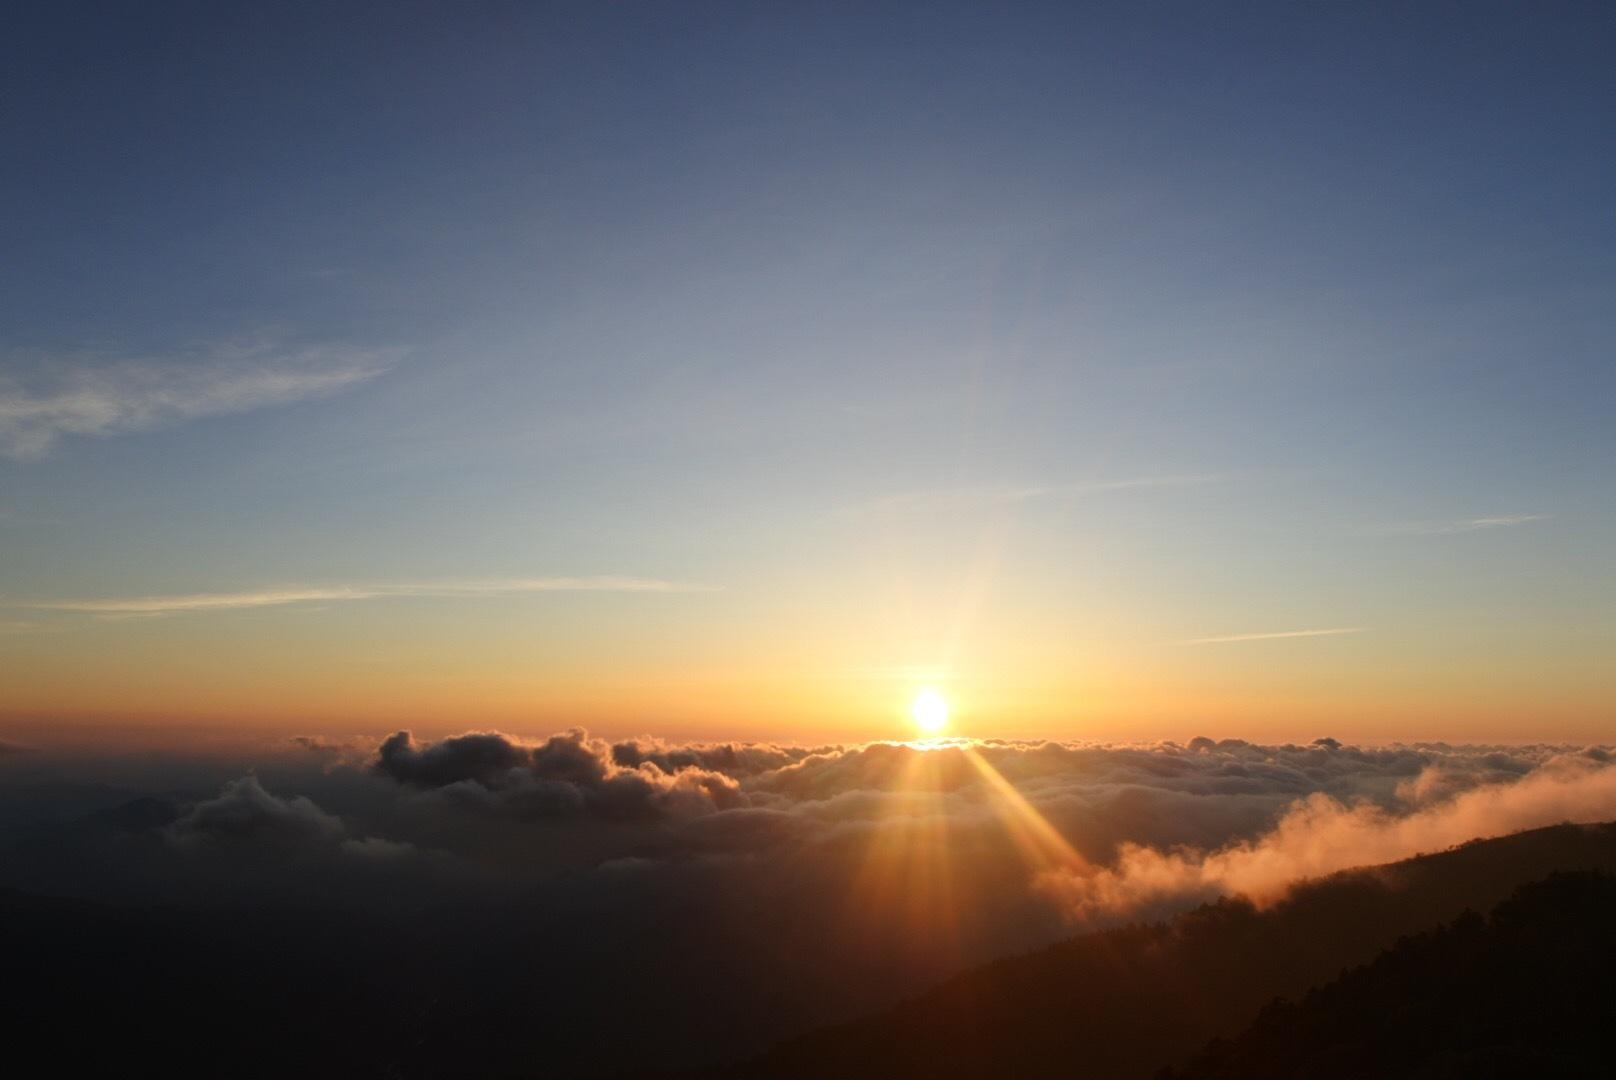 ファンハウス登山部、剣山へ行く_f0203164_18092934.jpg